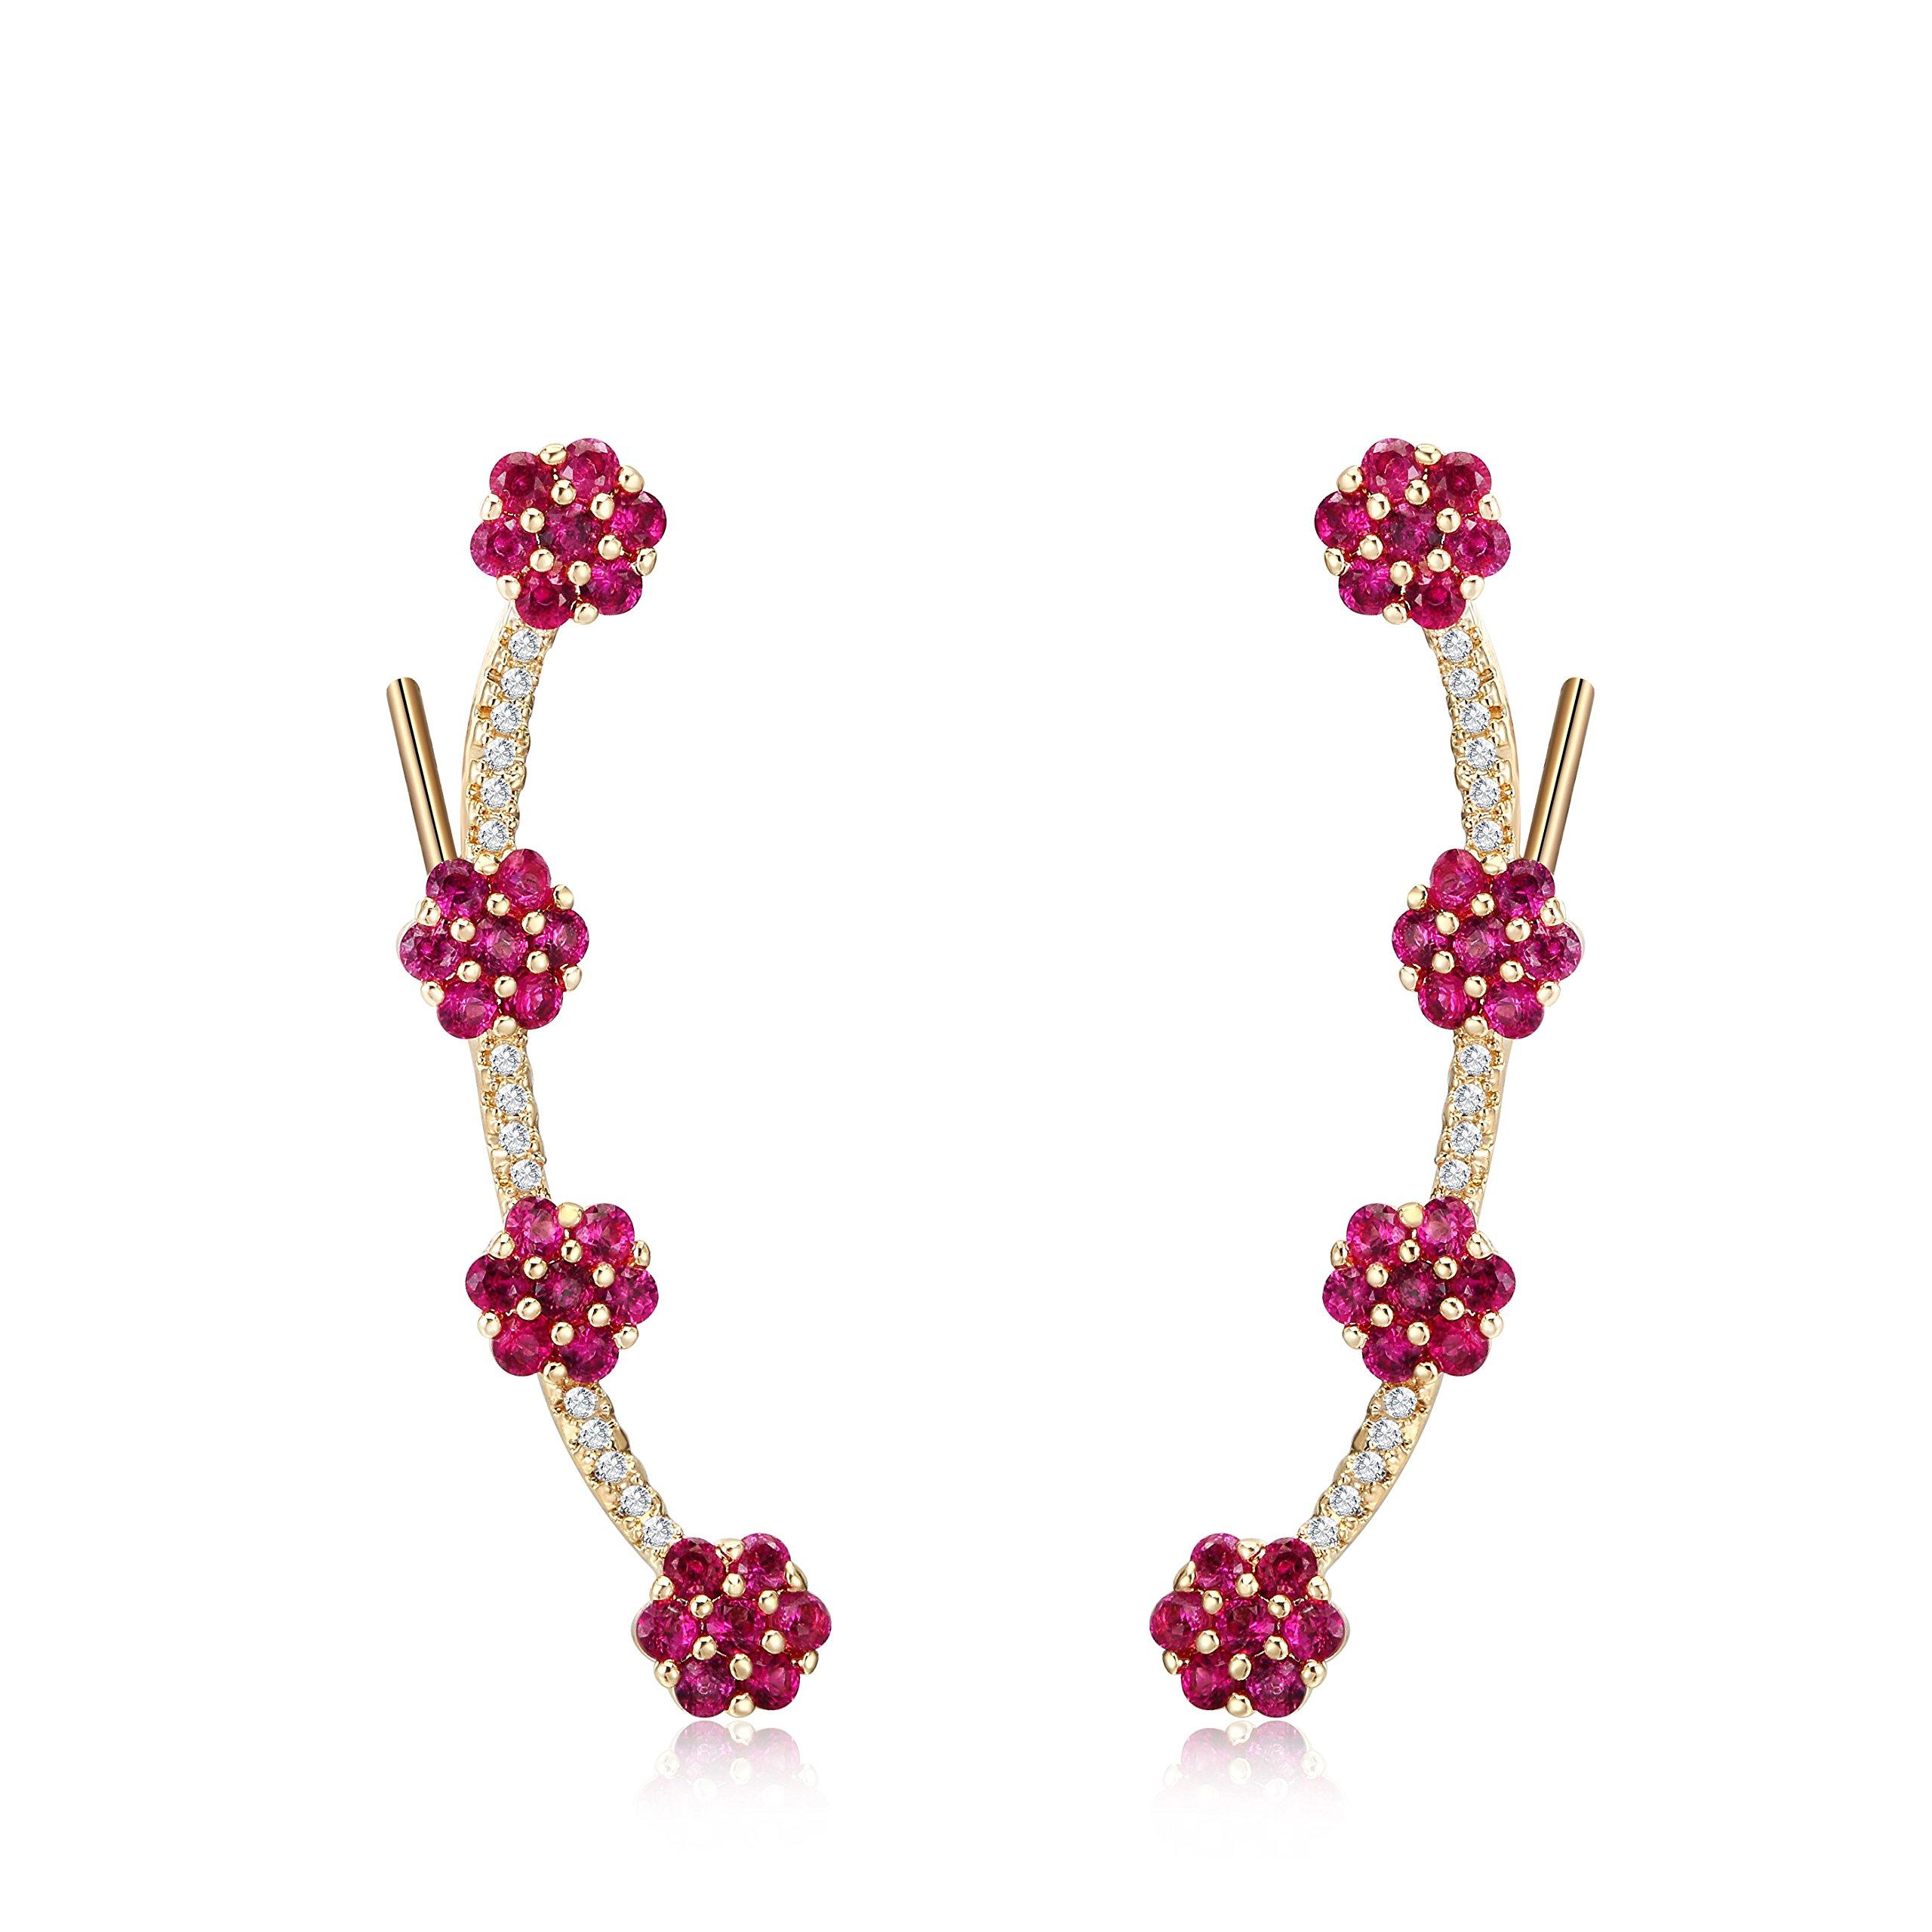 Mevecco Womens Girls Ear Crawler Climber Flower CZ Crystal Ear Wrap Cuffs Earrings Sweep Stud Earring Pin Jewelry-Flower-Gold